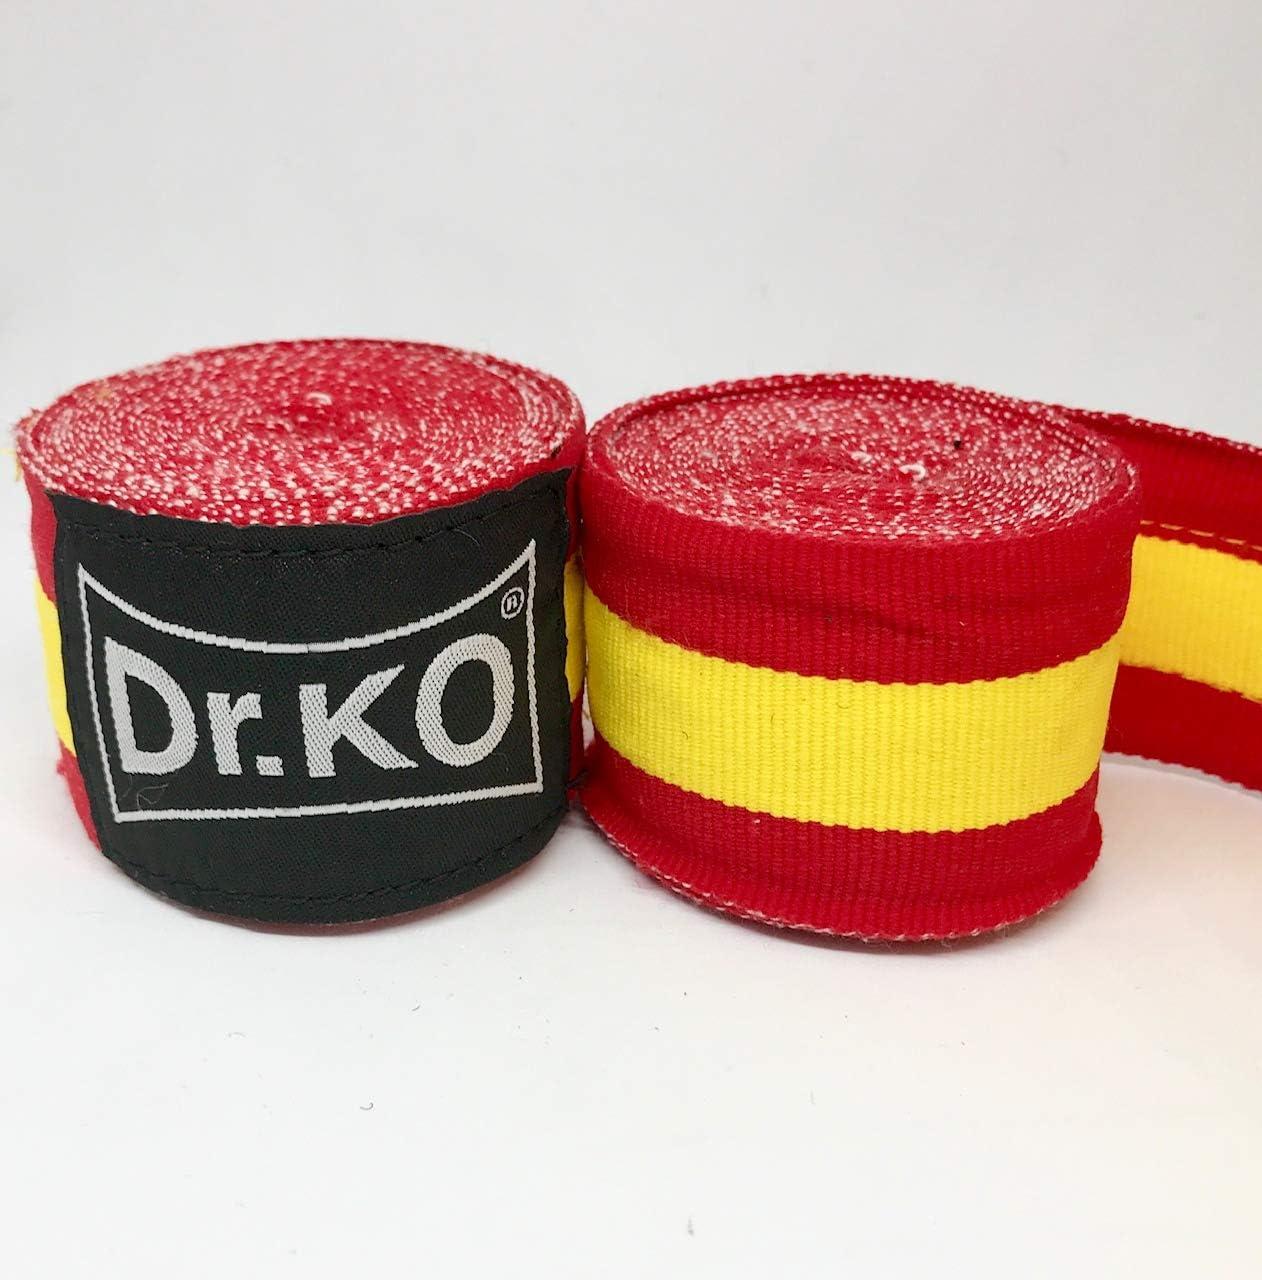 Dr. KO Vendas Boxeo, Kick Boxing, MMA, Muay Thai. Cinta Elástica Mano Muñeca MMA Envolturas Vendaje Bandera de España; 4,5 Metros: Amazon.es: Deportes y aire libre